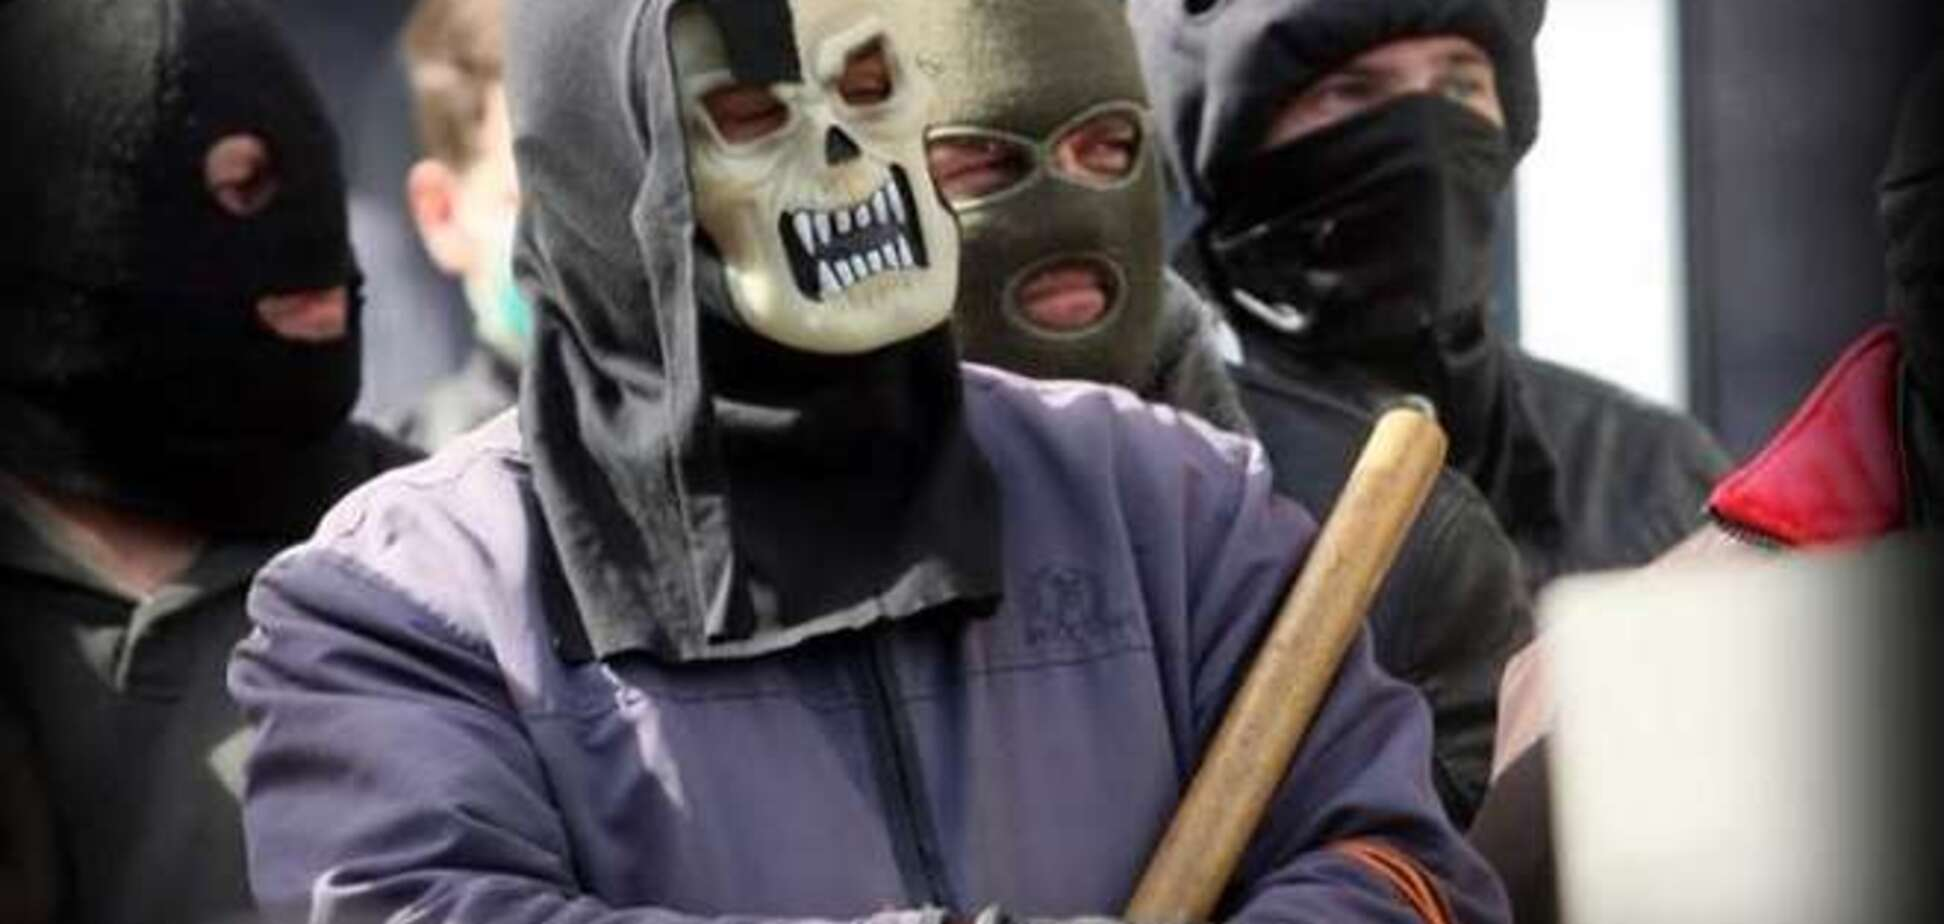 'Горловские' террористы и люди 'Стрелка' решили выяснить отношения на 'стрелке'